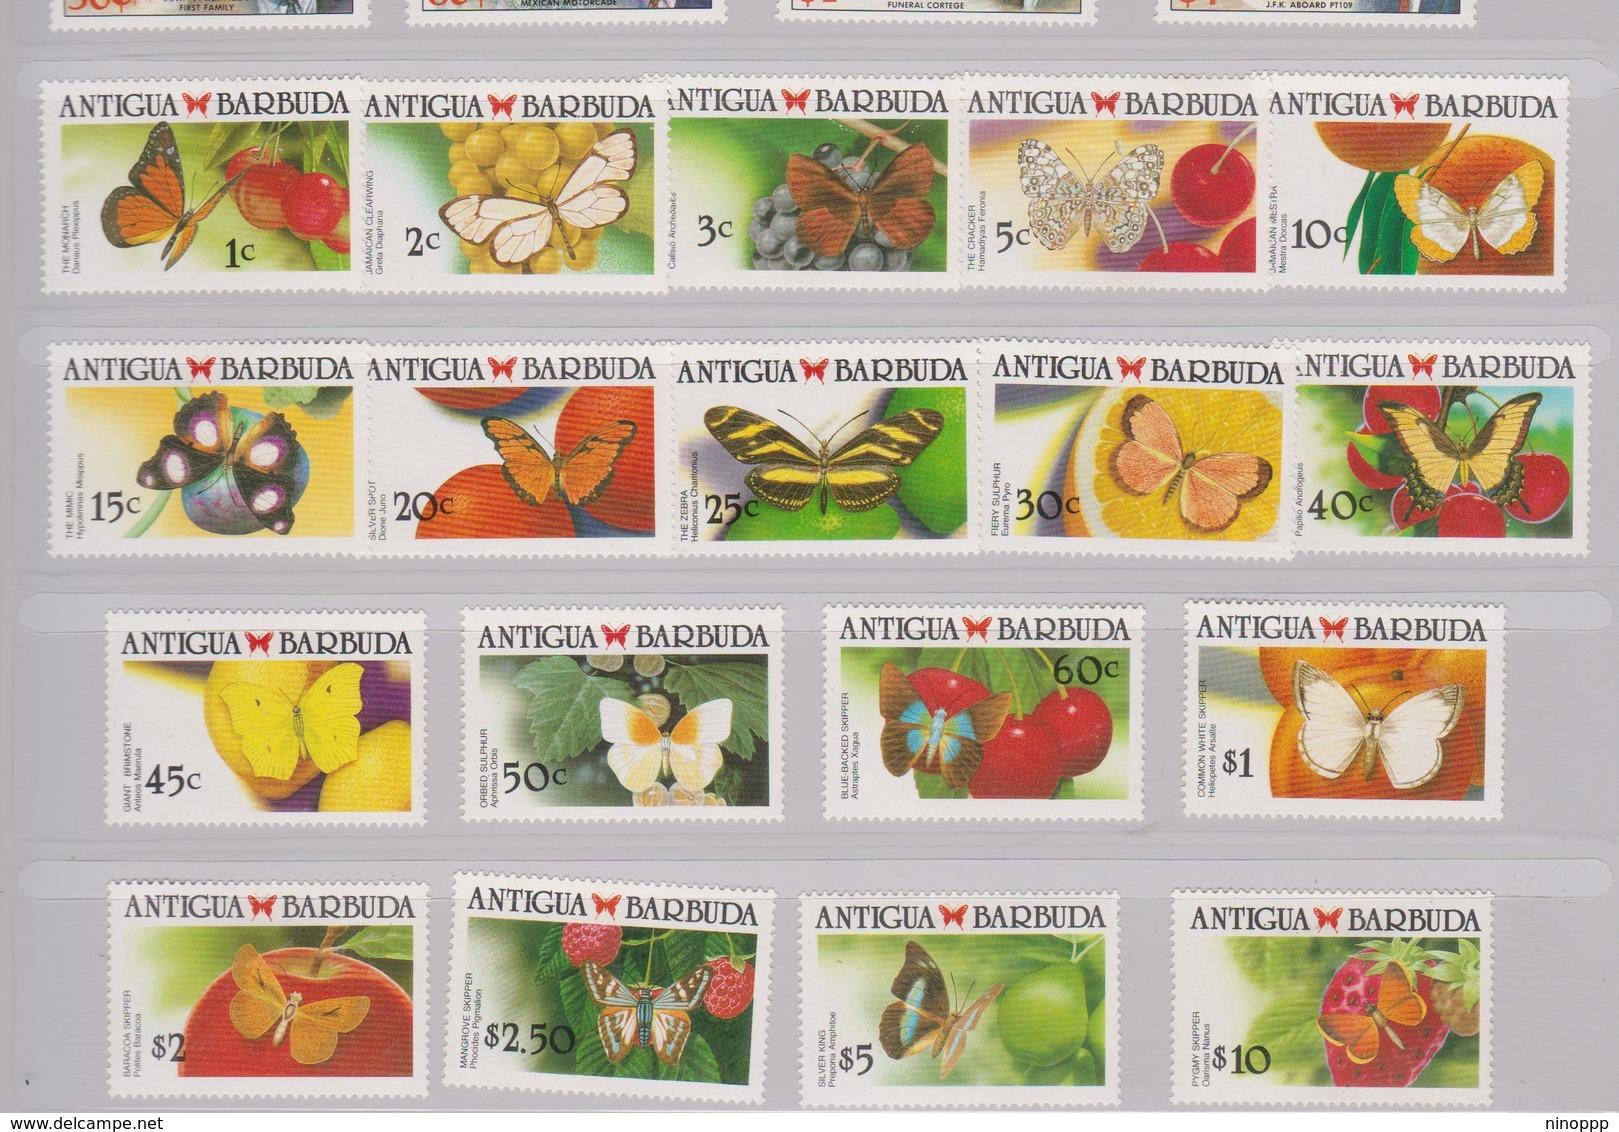 Antigua S 1145-61A 1988-90 Butterflies, Mint Hinged - Butterflies